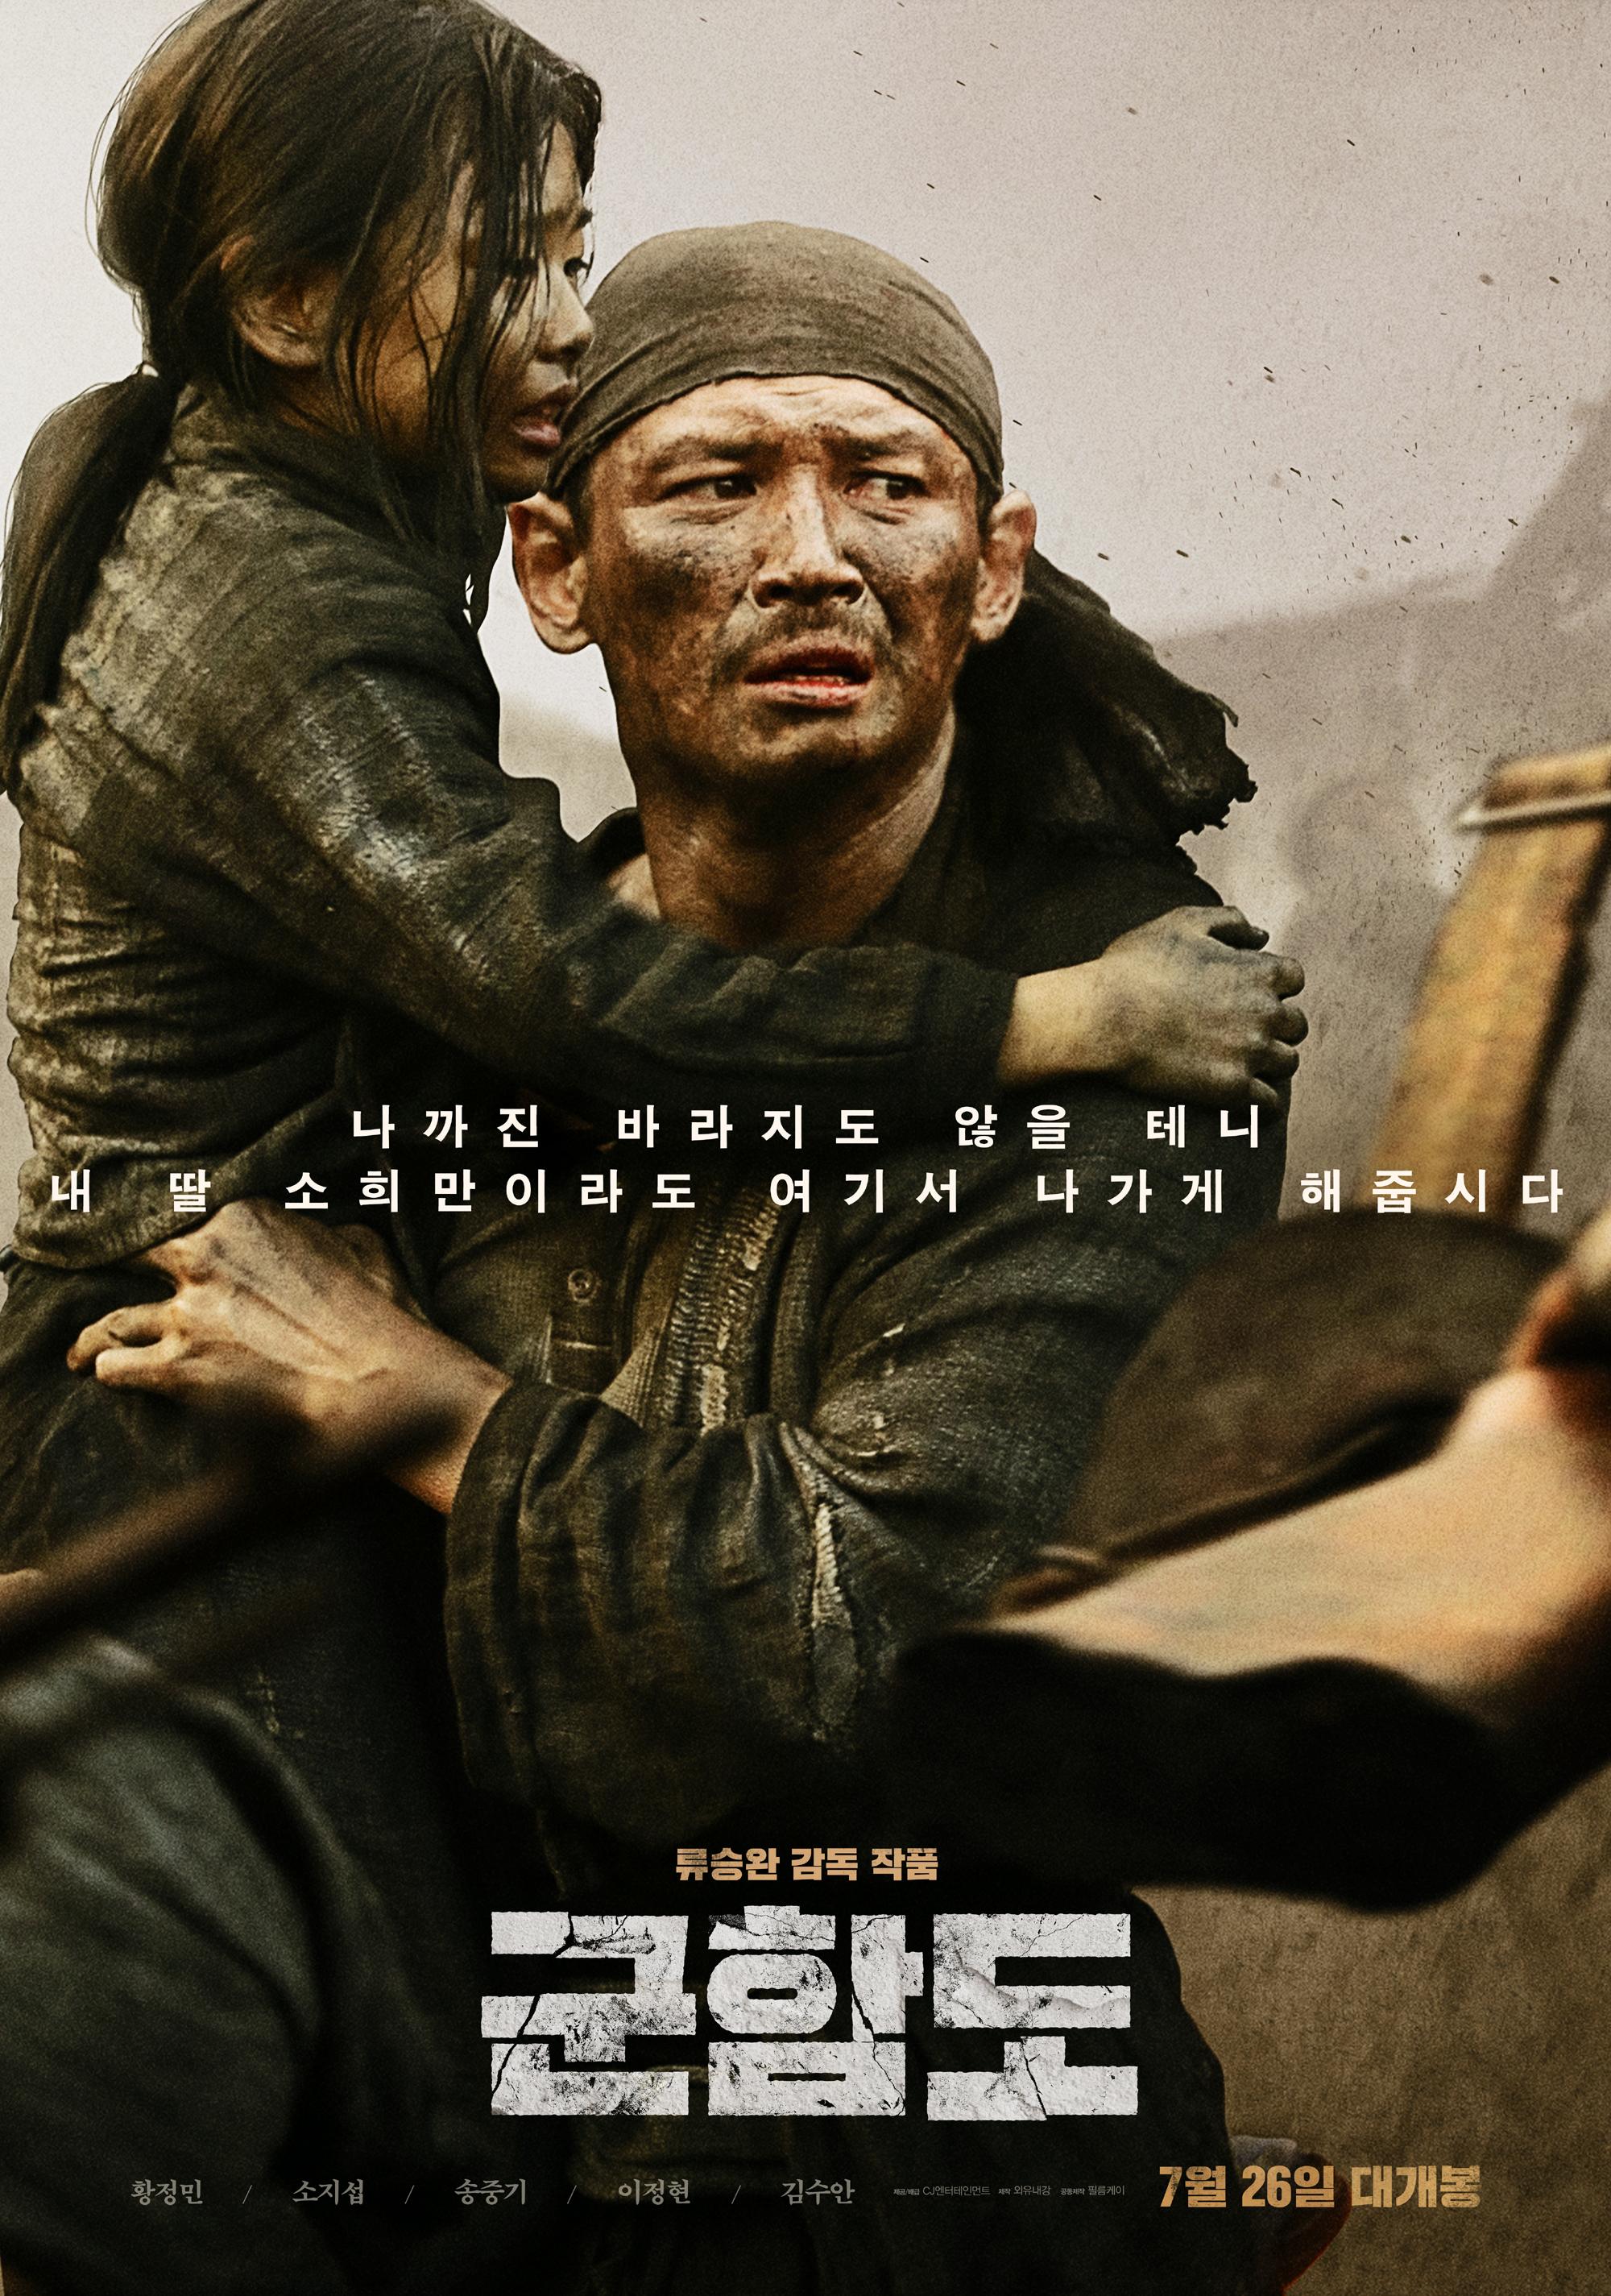 김수안 영화 군함도 캐릭터 포스터 2017.07 (2)